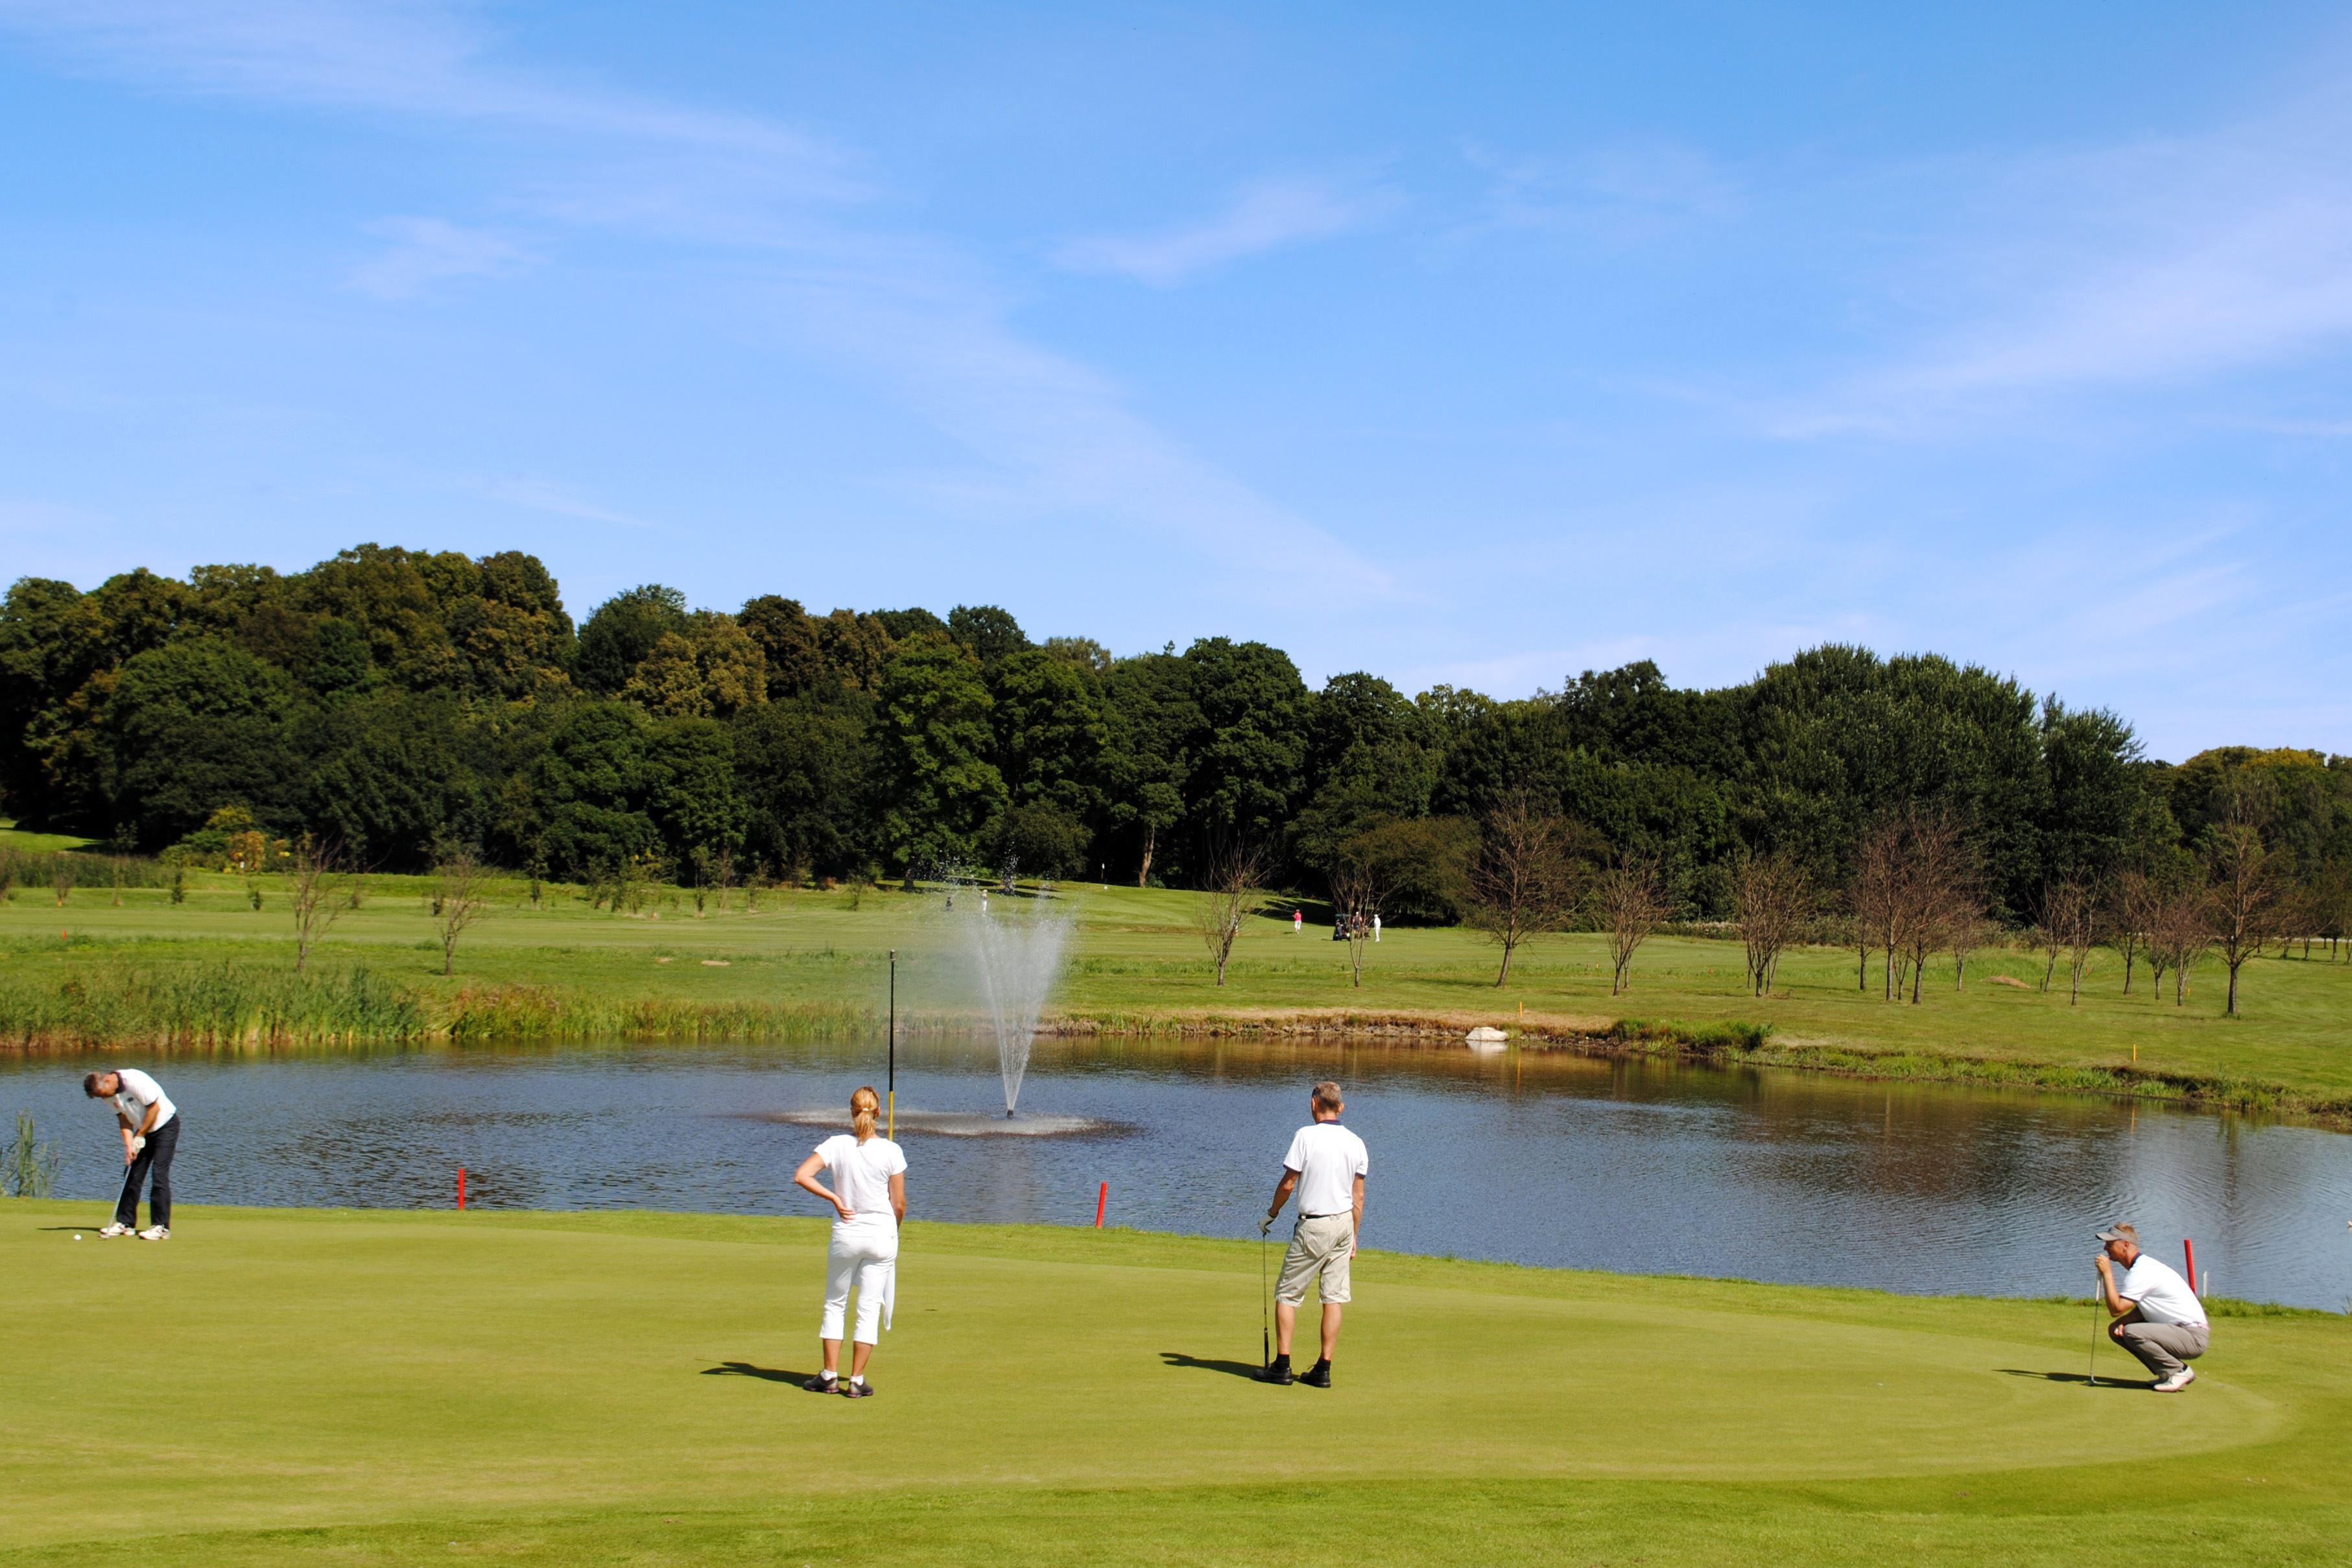 Halsted Kloster Golfkklub